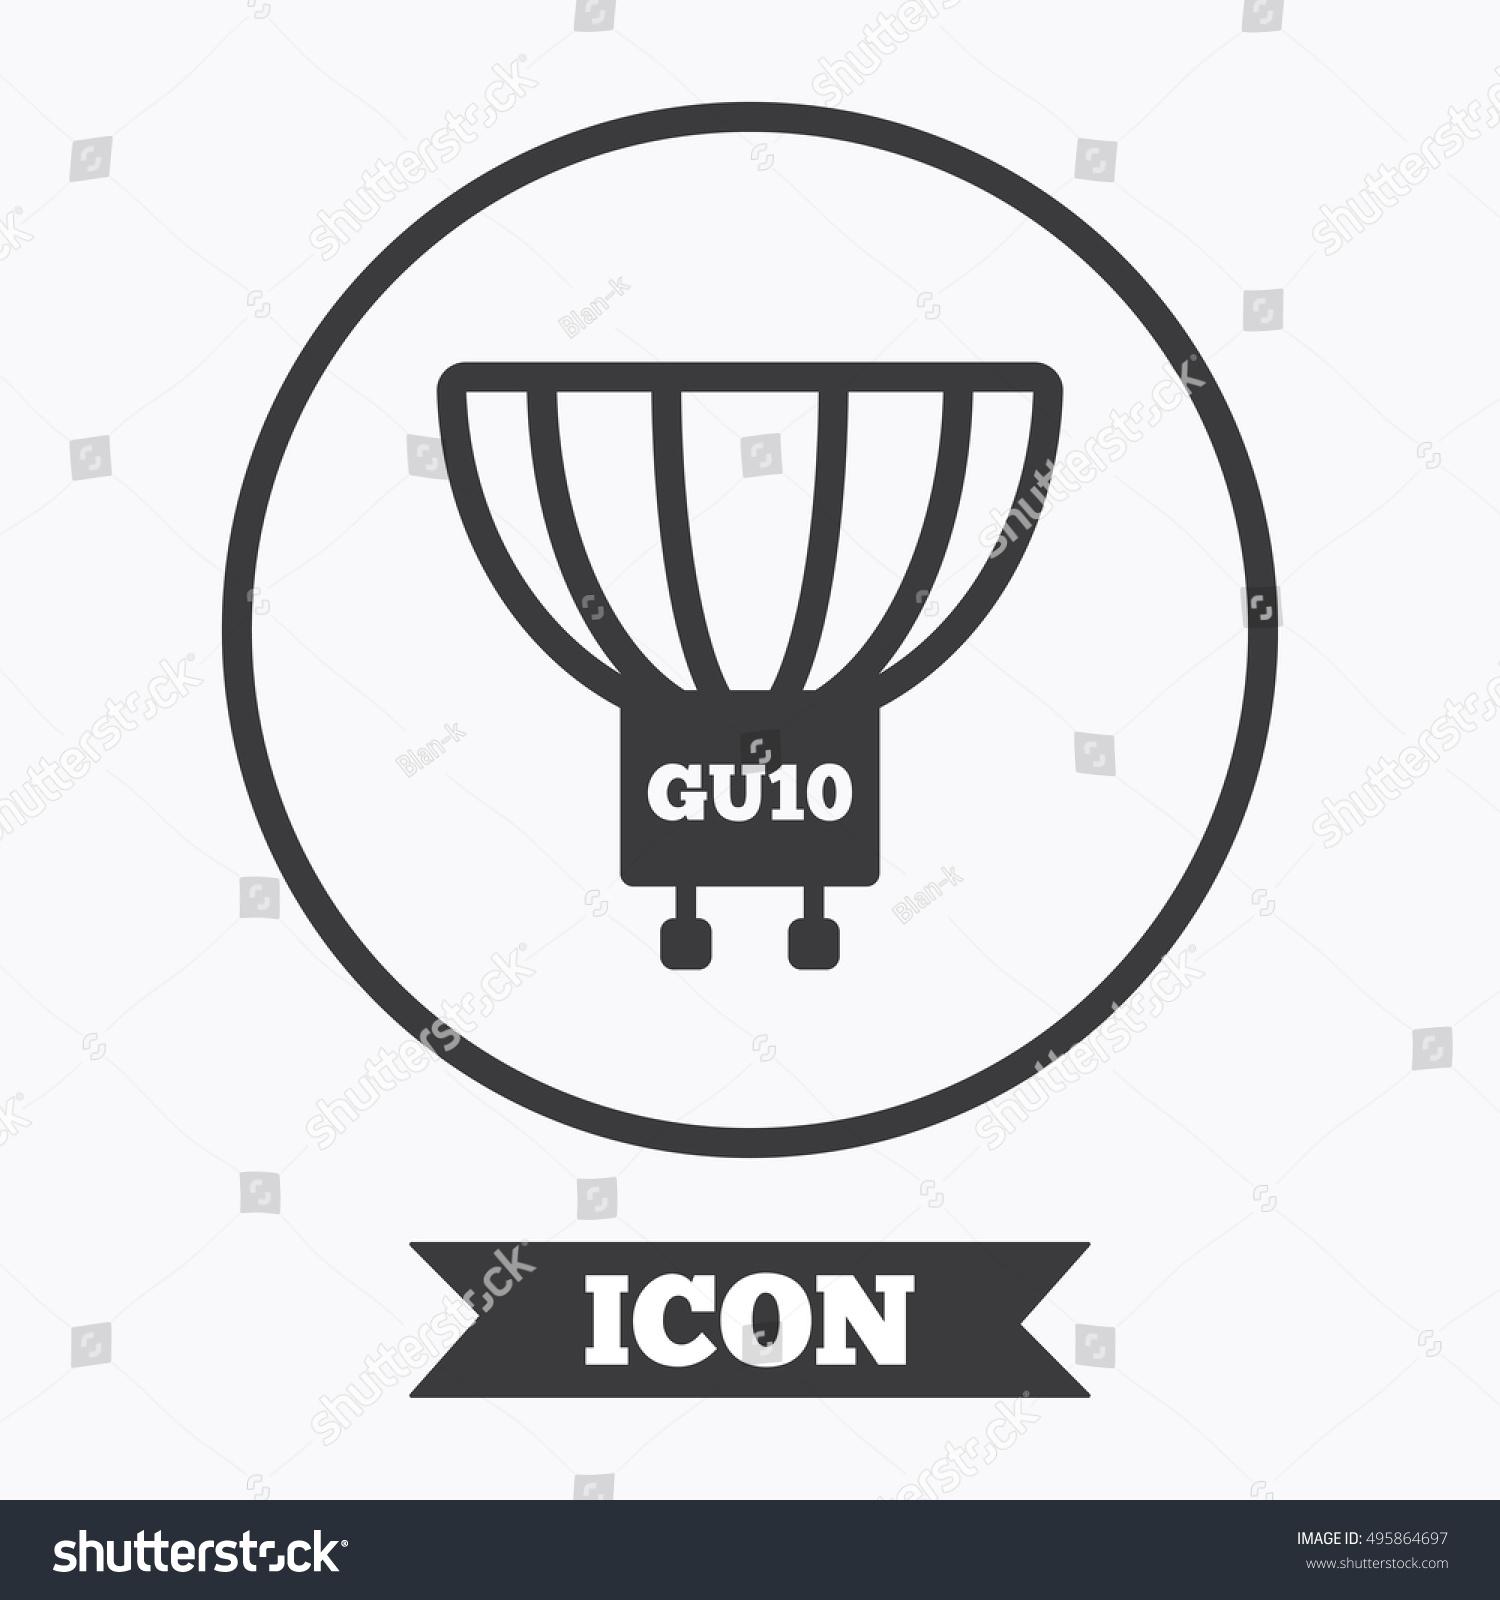 Light Bulb Icon Lamp GU 10 Socket Stock Vector 495864697 - Shutterstock